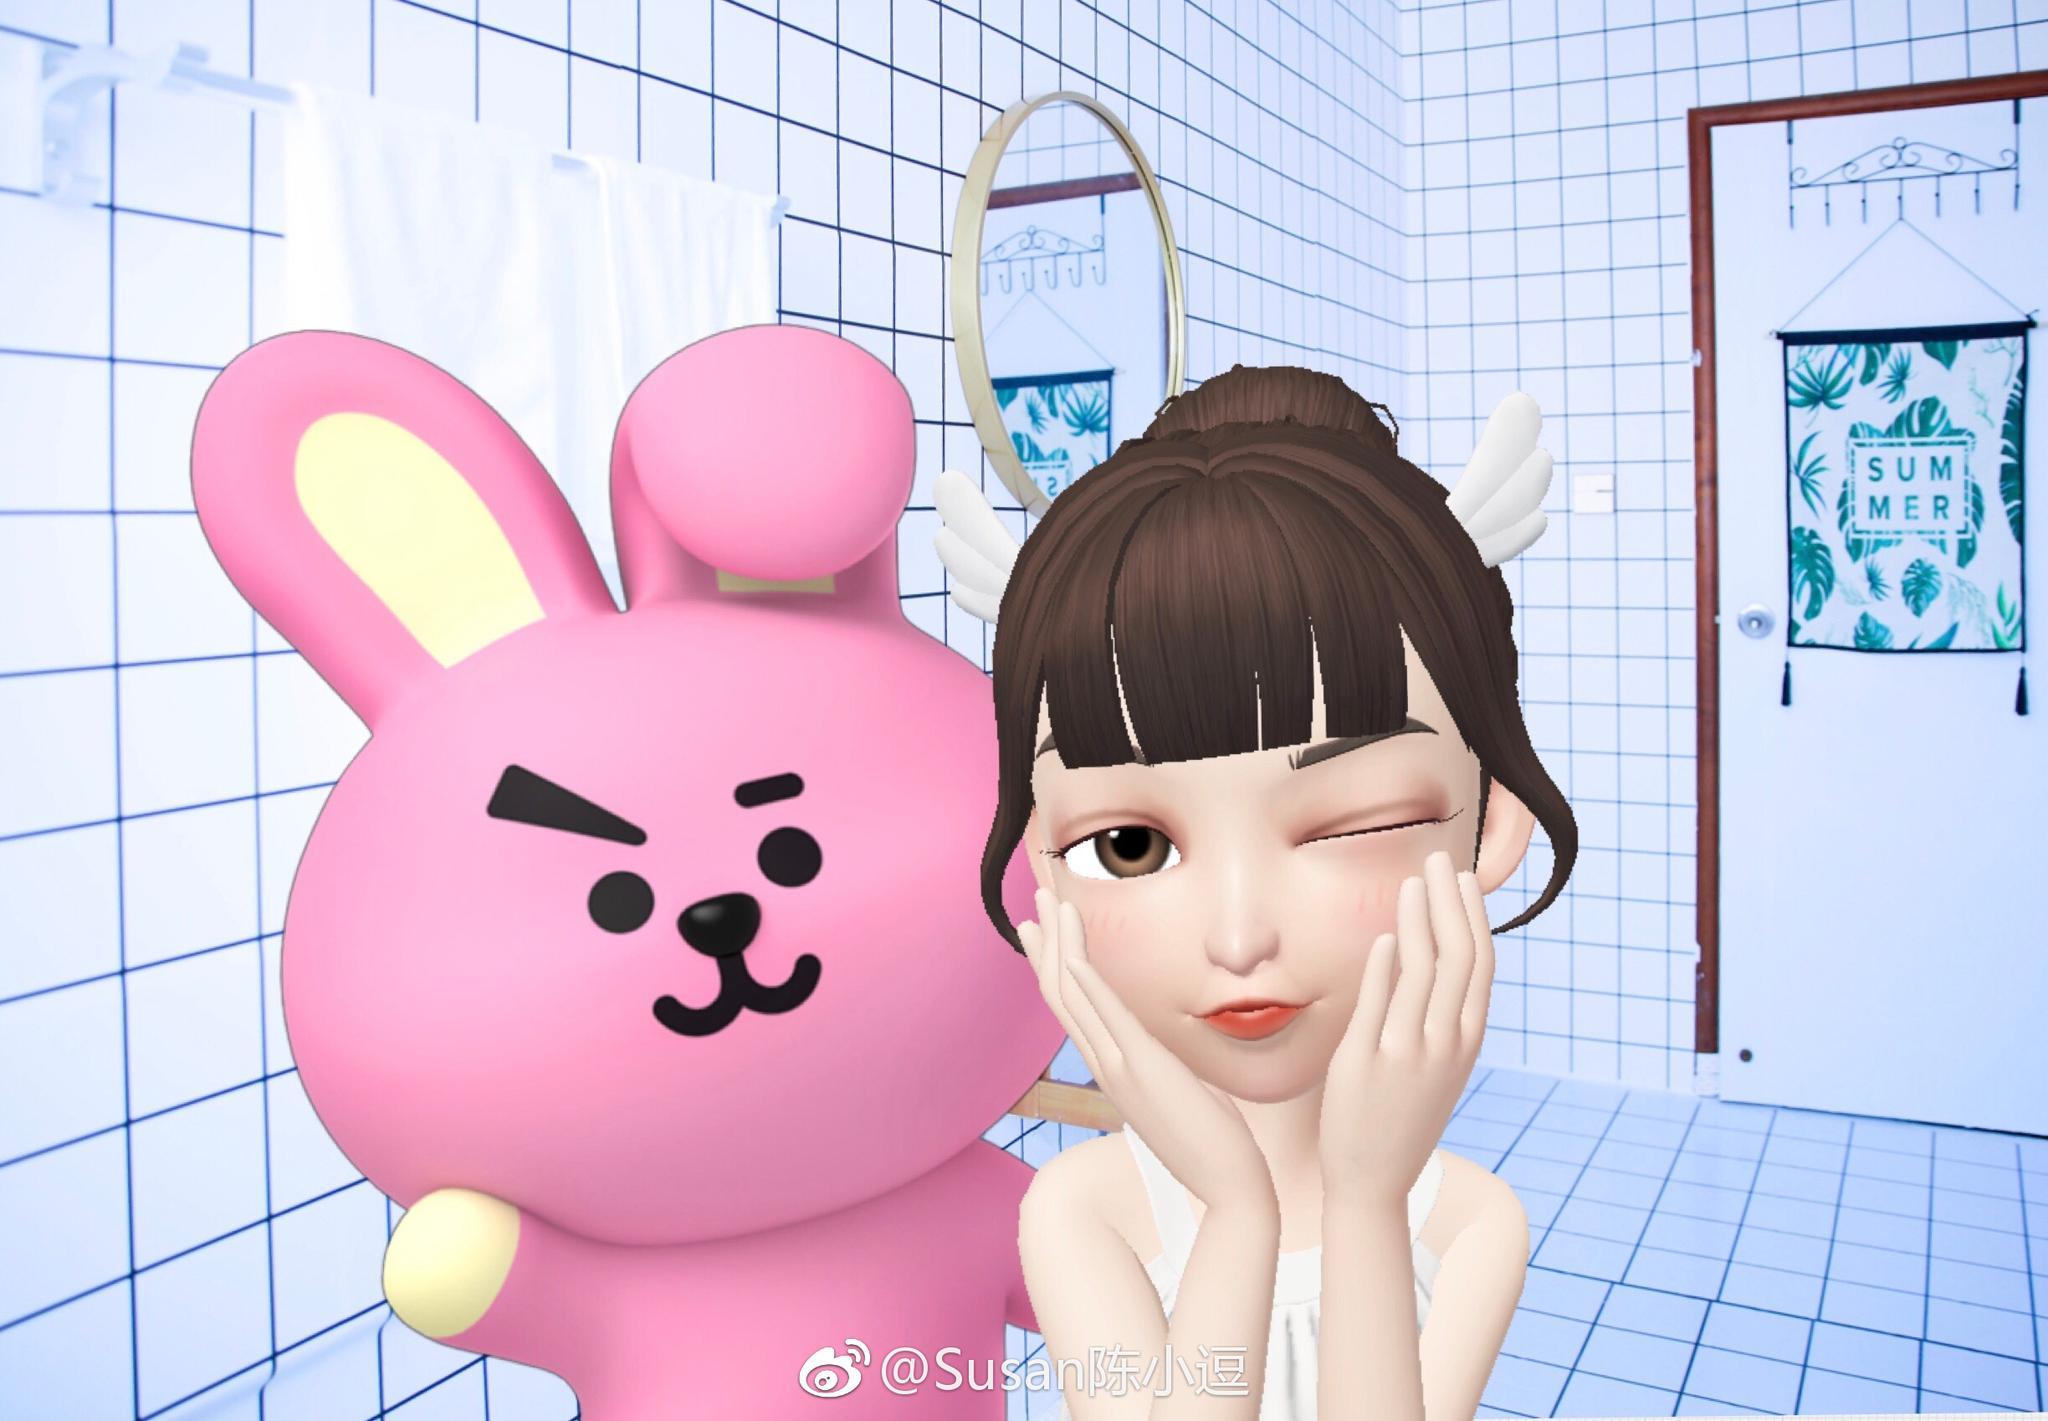 最近周围有好多朋友沉迷于 崽崽 ZEPETO中文版这个可以捏脸拍照的APP 崽崽